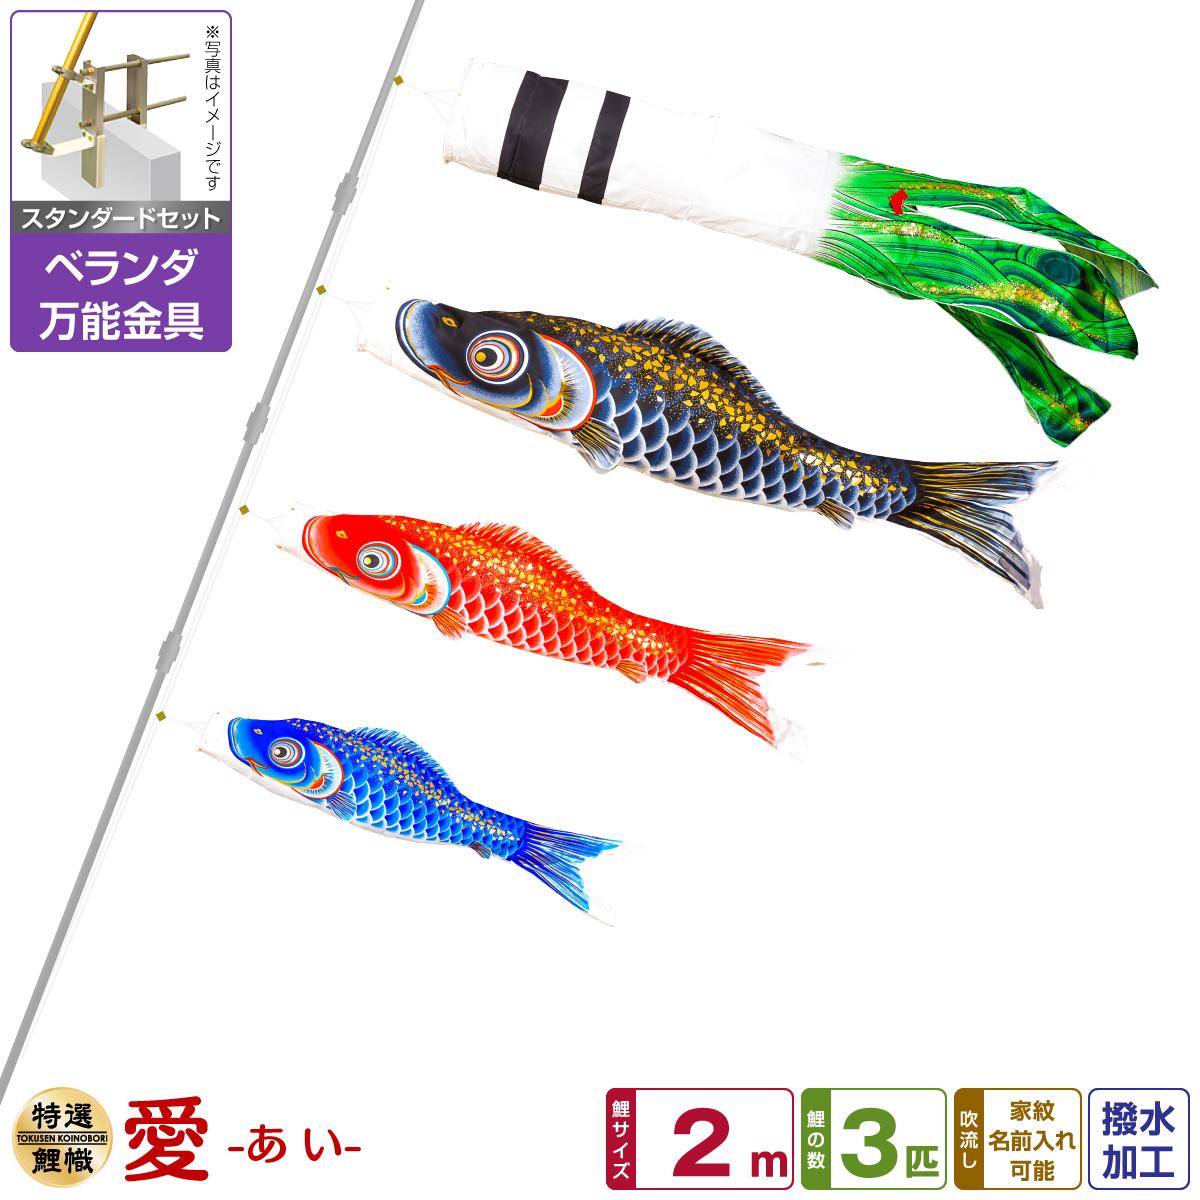 ベランダ用 こいのぼり 鯉のぼり 愛 2m 6点(吹流し+鯉3匹+矢車+ロープ)/スタンダードセット(万能取付金具)